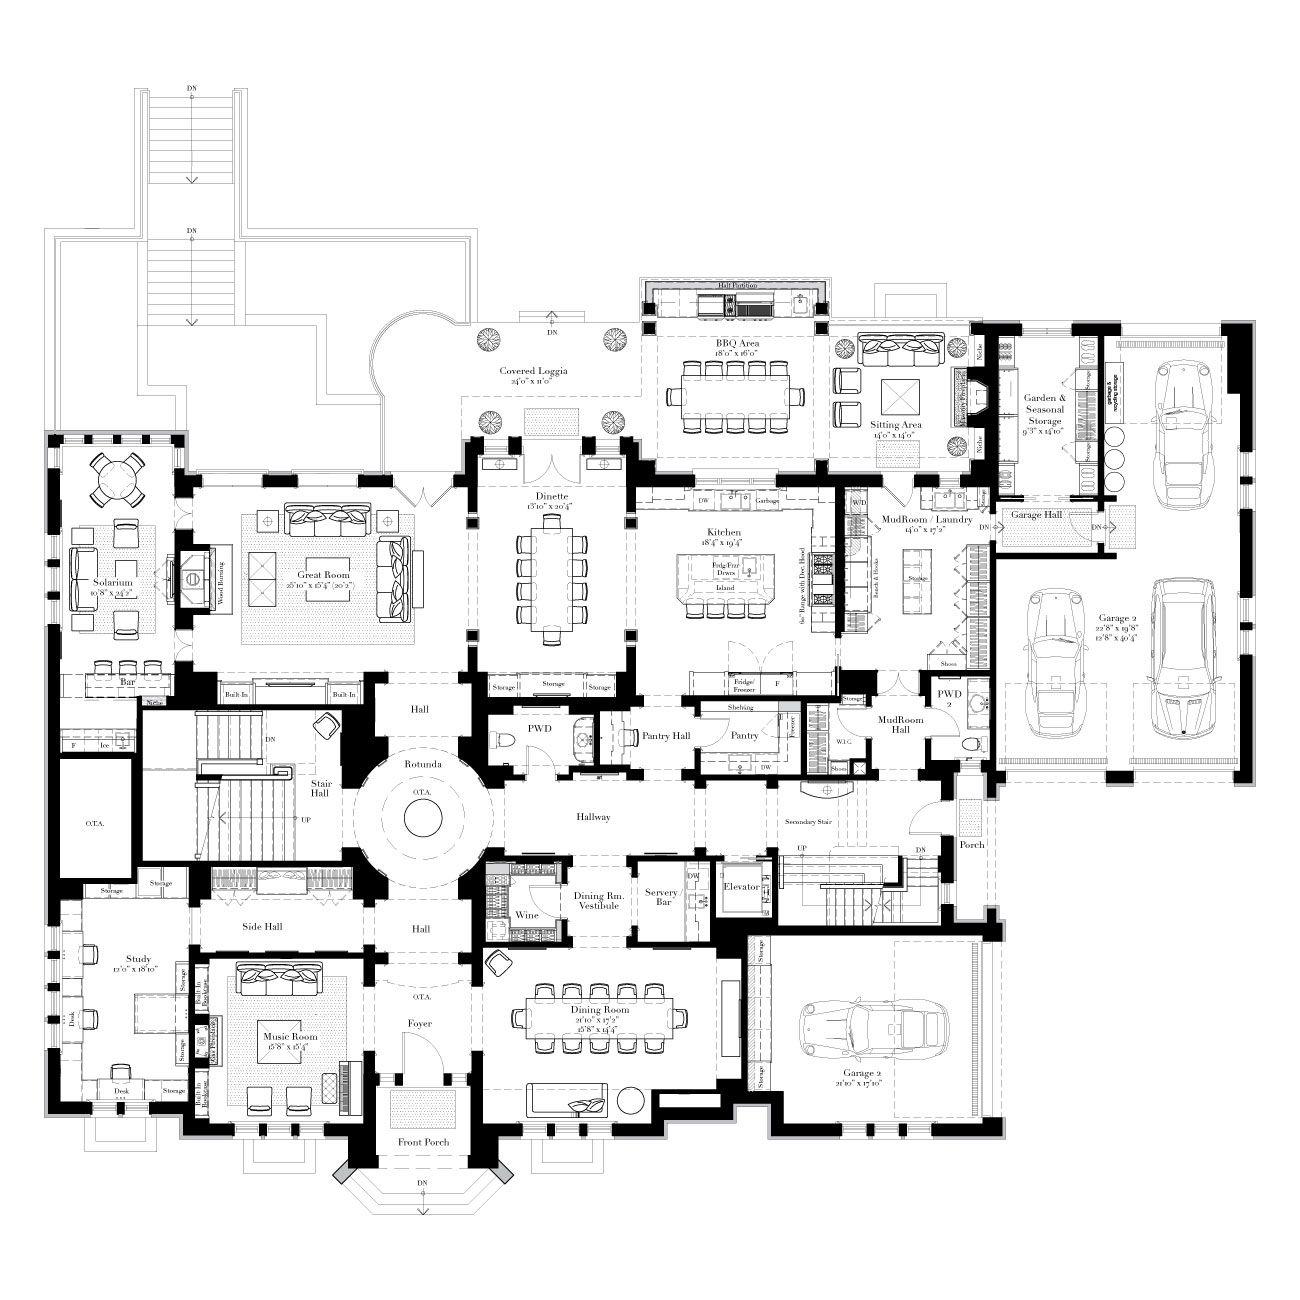 the balsam estate floorplan floor plans house design. Black Bedroom Furniture Sets. Home Design Ideas